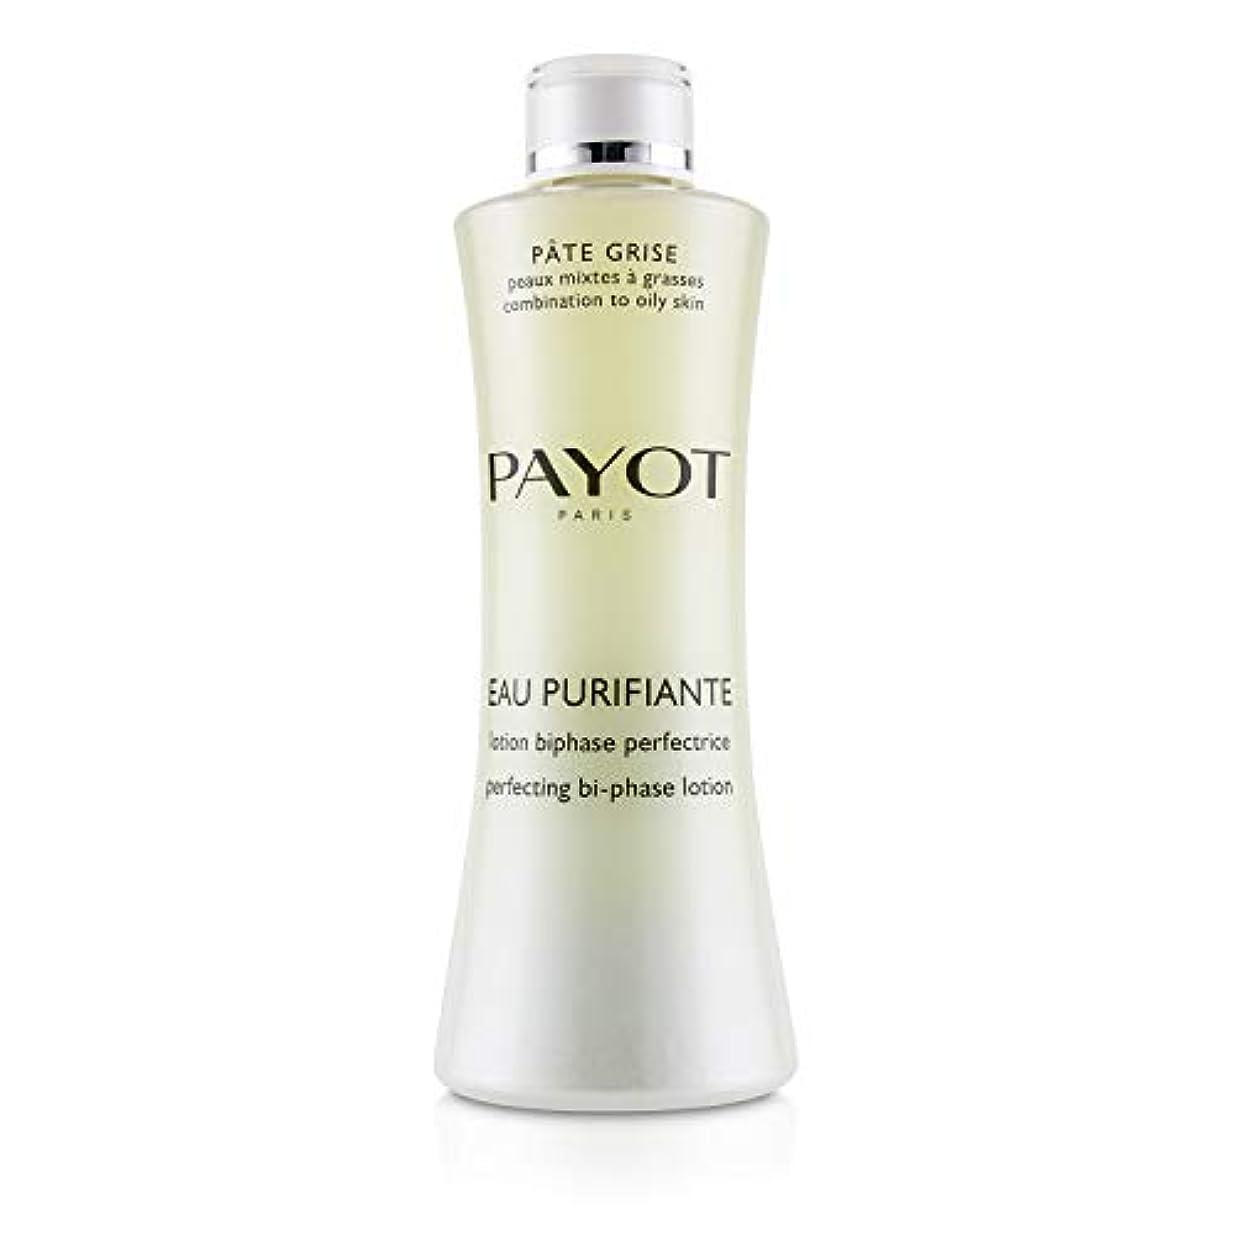 リビングルーム飼料太平洋諸島パイヨ Pate Grise Eau Purifiante Perfecting Bi-Phase Lotion (Salon Size) 400ml/13.5oz並行輸入品